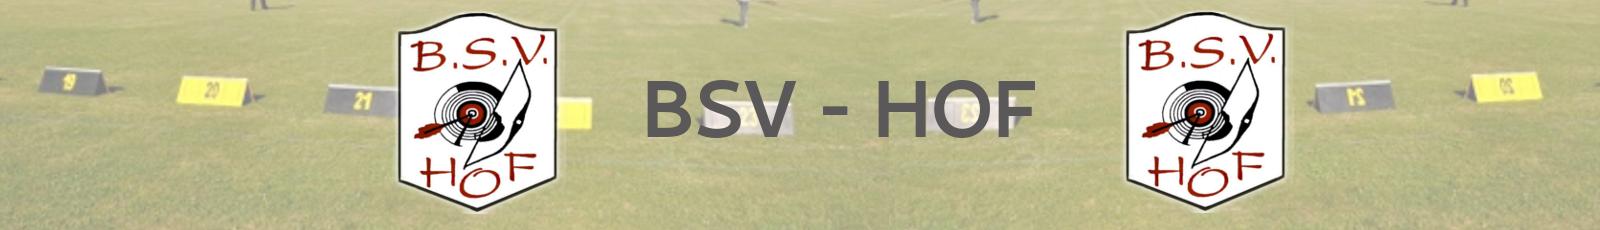 bsv-hof